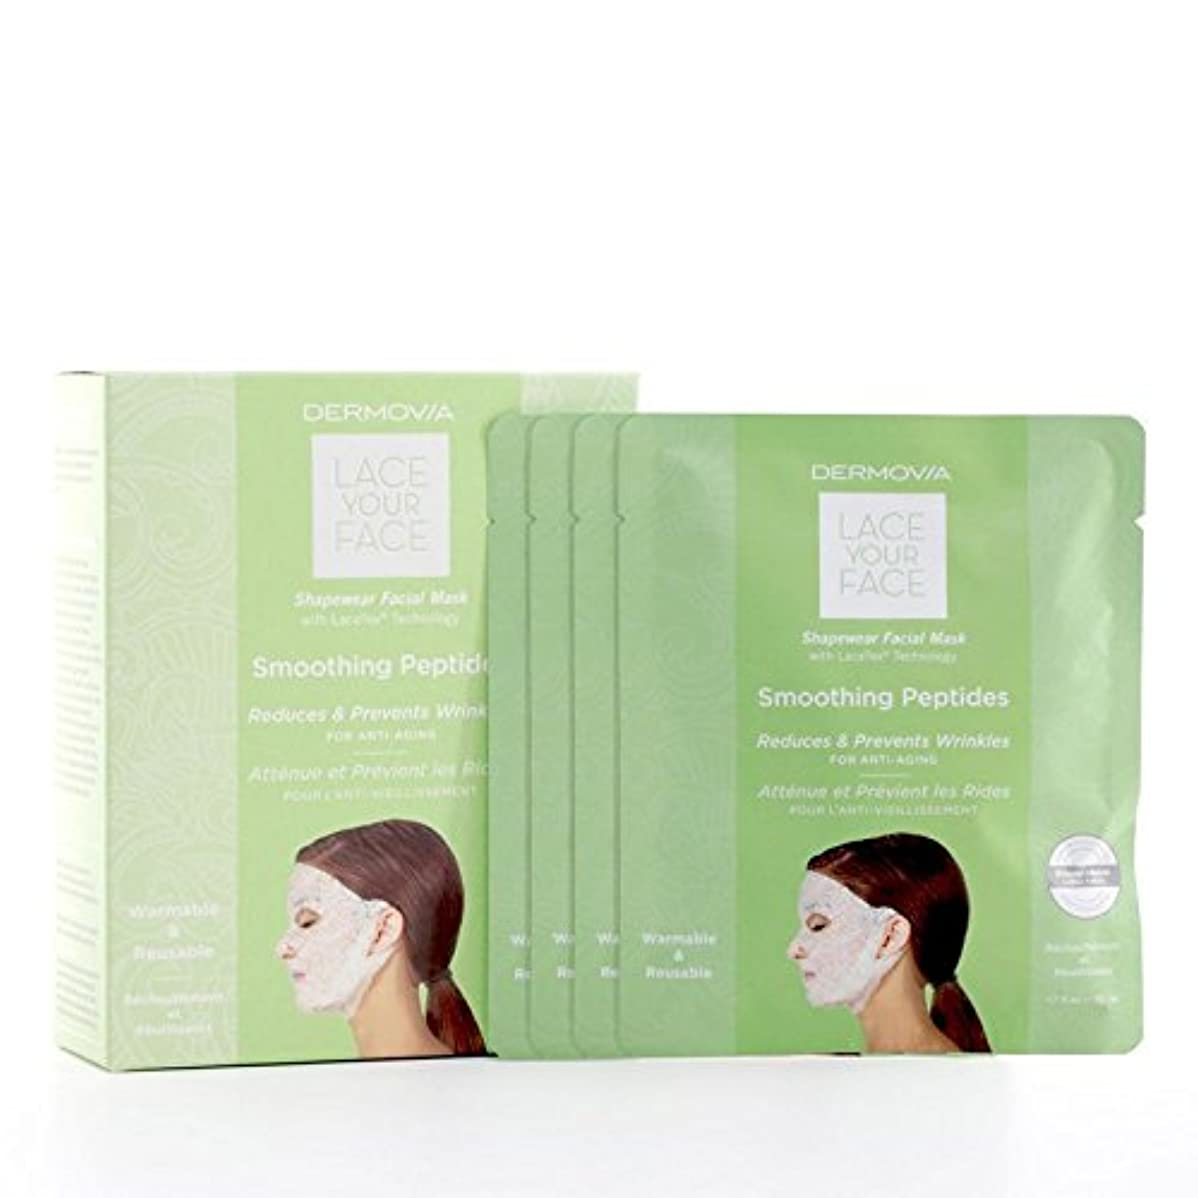 ランチョントロリーバス他のバンドでは、あなたの顔の圧縮フェイシャルマスク平滑化ペプチドをひもで締めます x4 - Dermovia Lace Your Face Compression Facial Mask Smoothing Peptides (Pack...